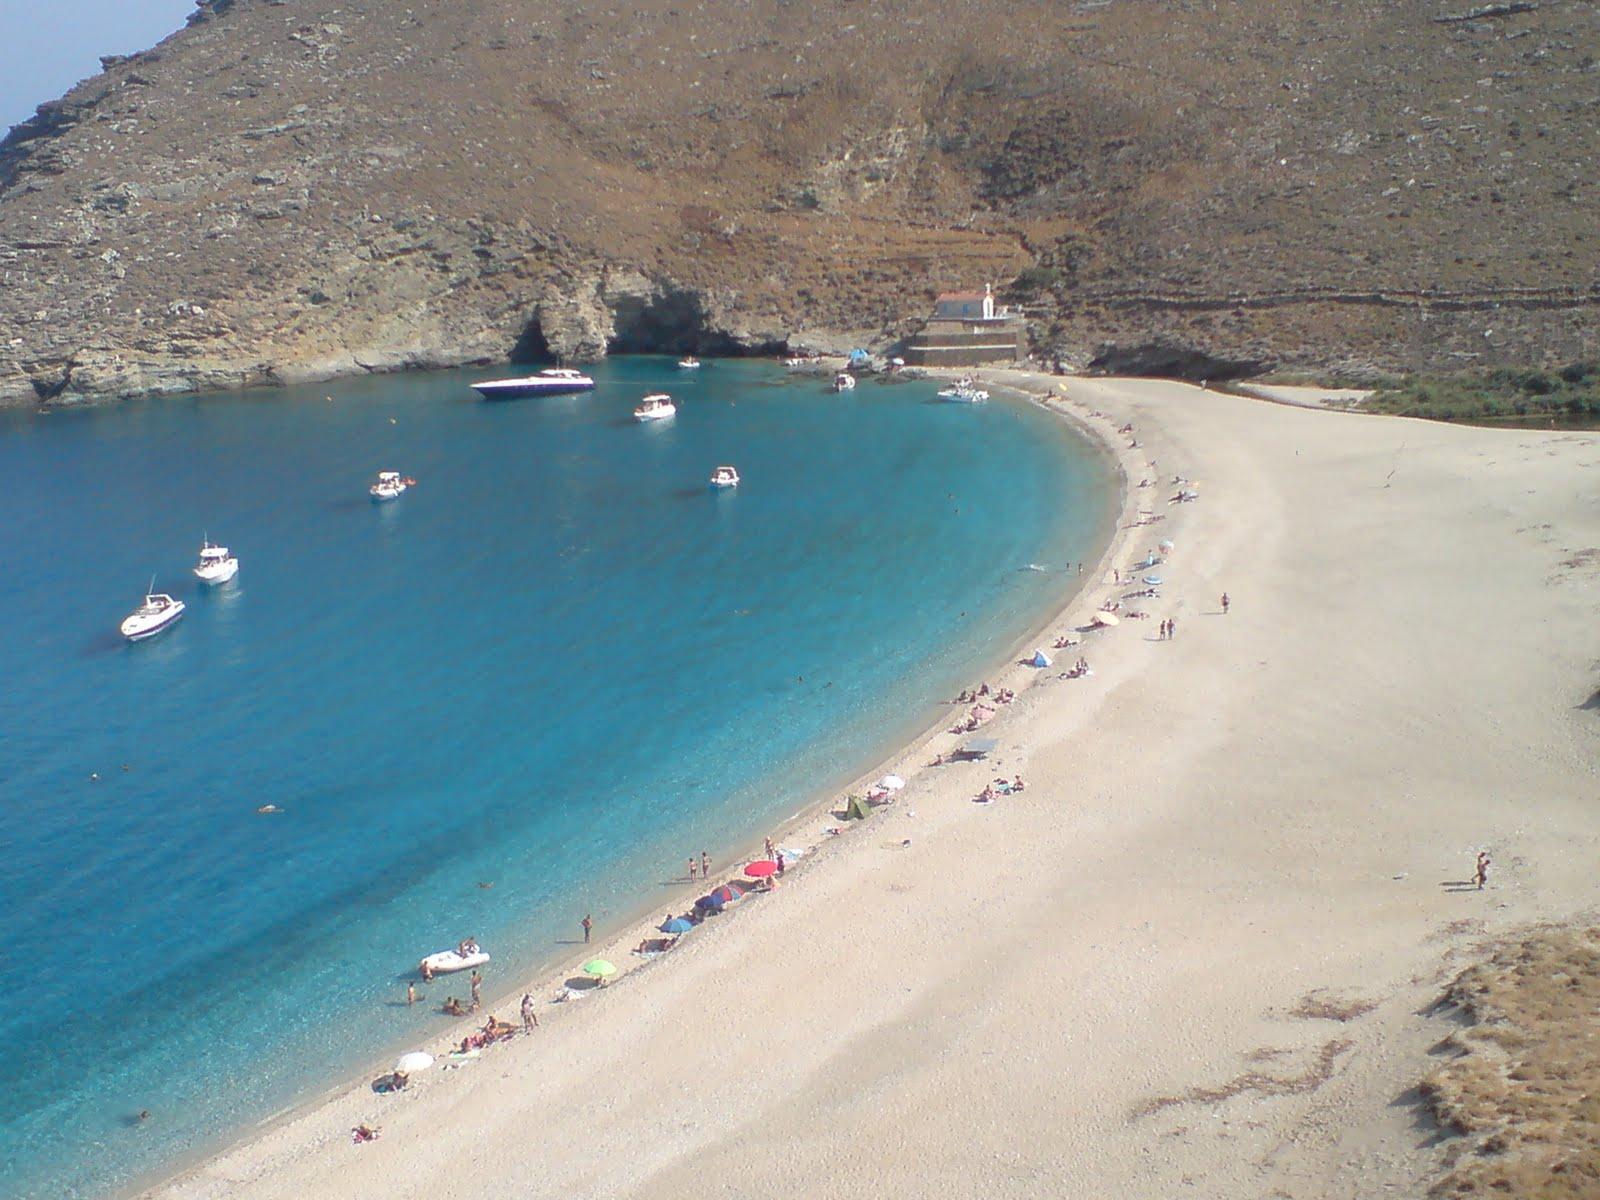 Aυτή η παραλία έχει χαρακτηριστεί ως μια από τις όμορφες της Ελλάδας